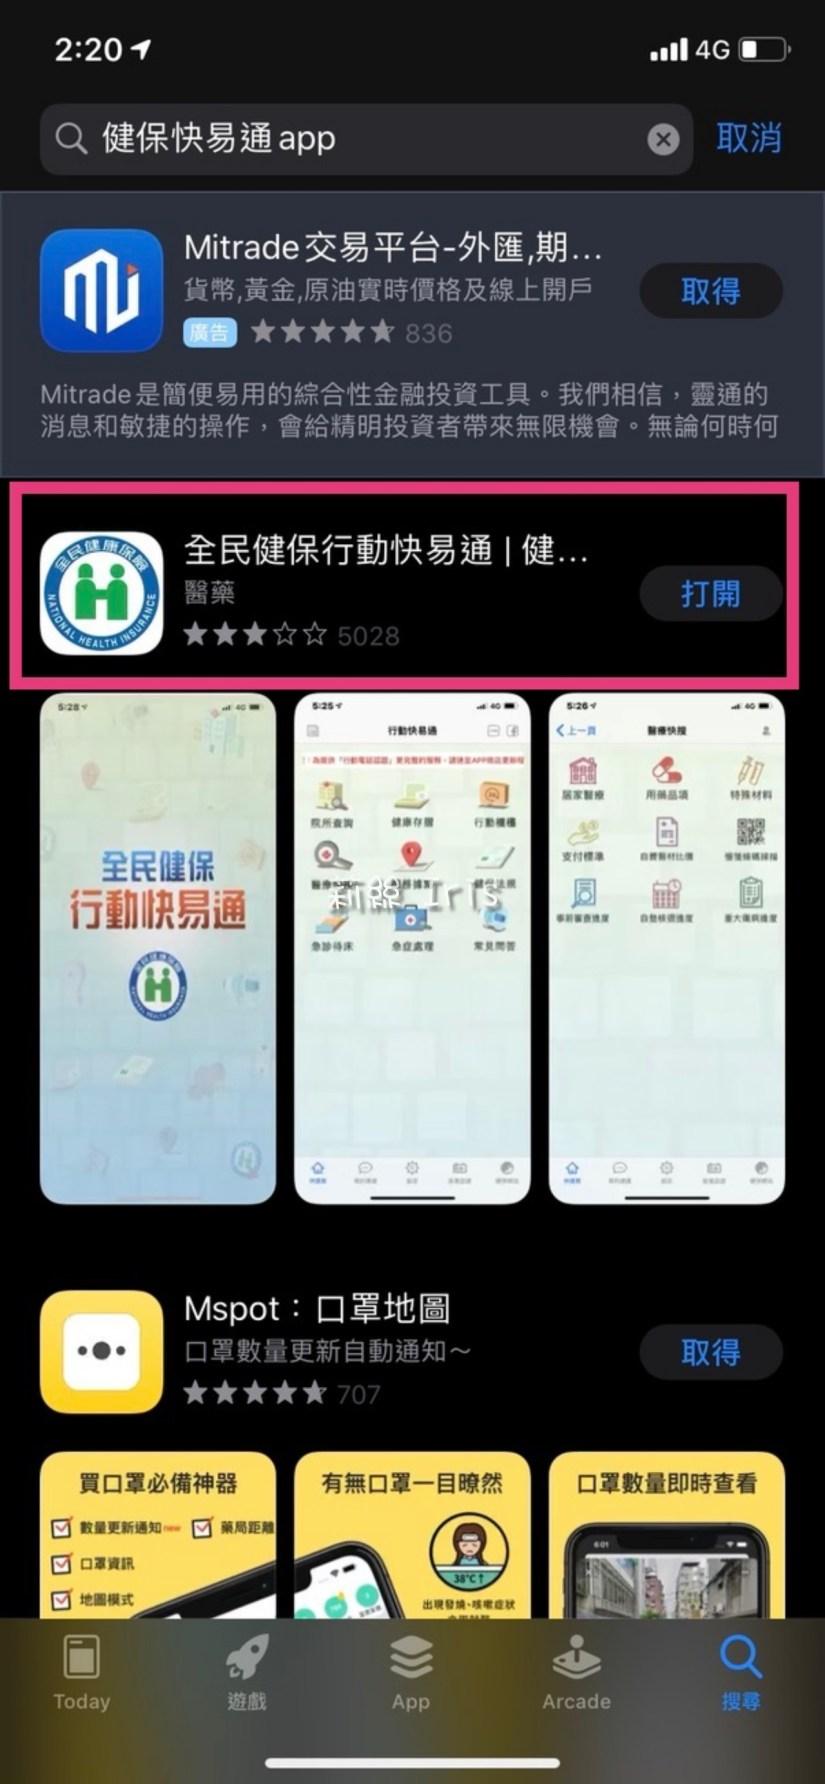 口罩2.0手機預購圖解說明》全民健保行動快易通》eMask 口罩預購系統